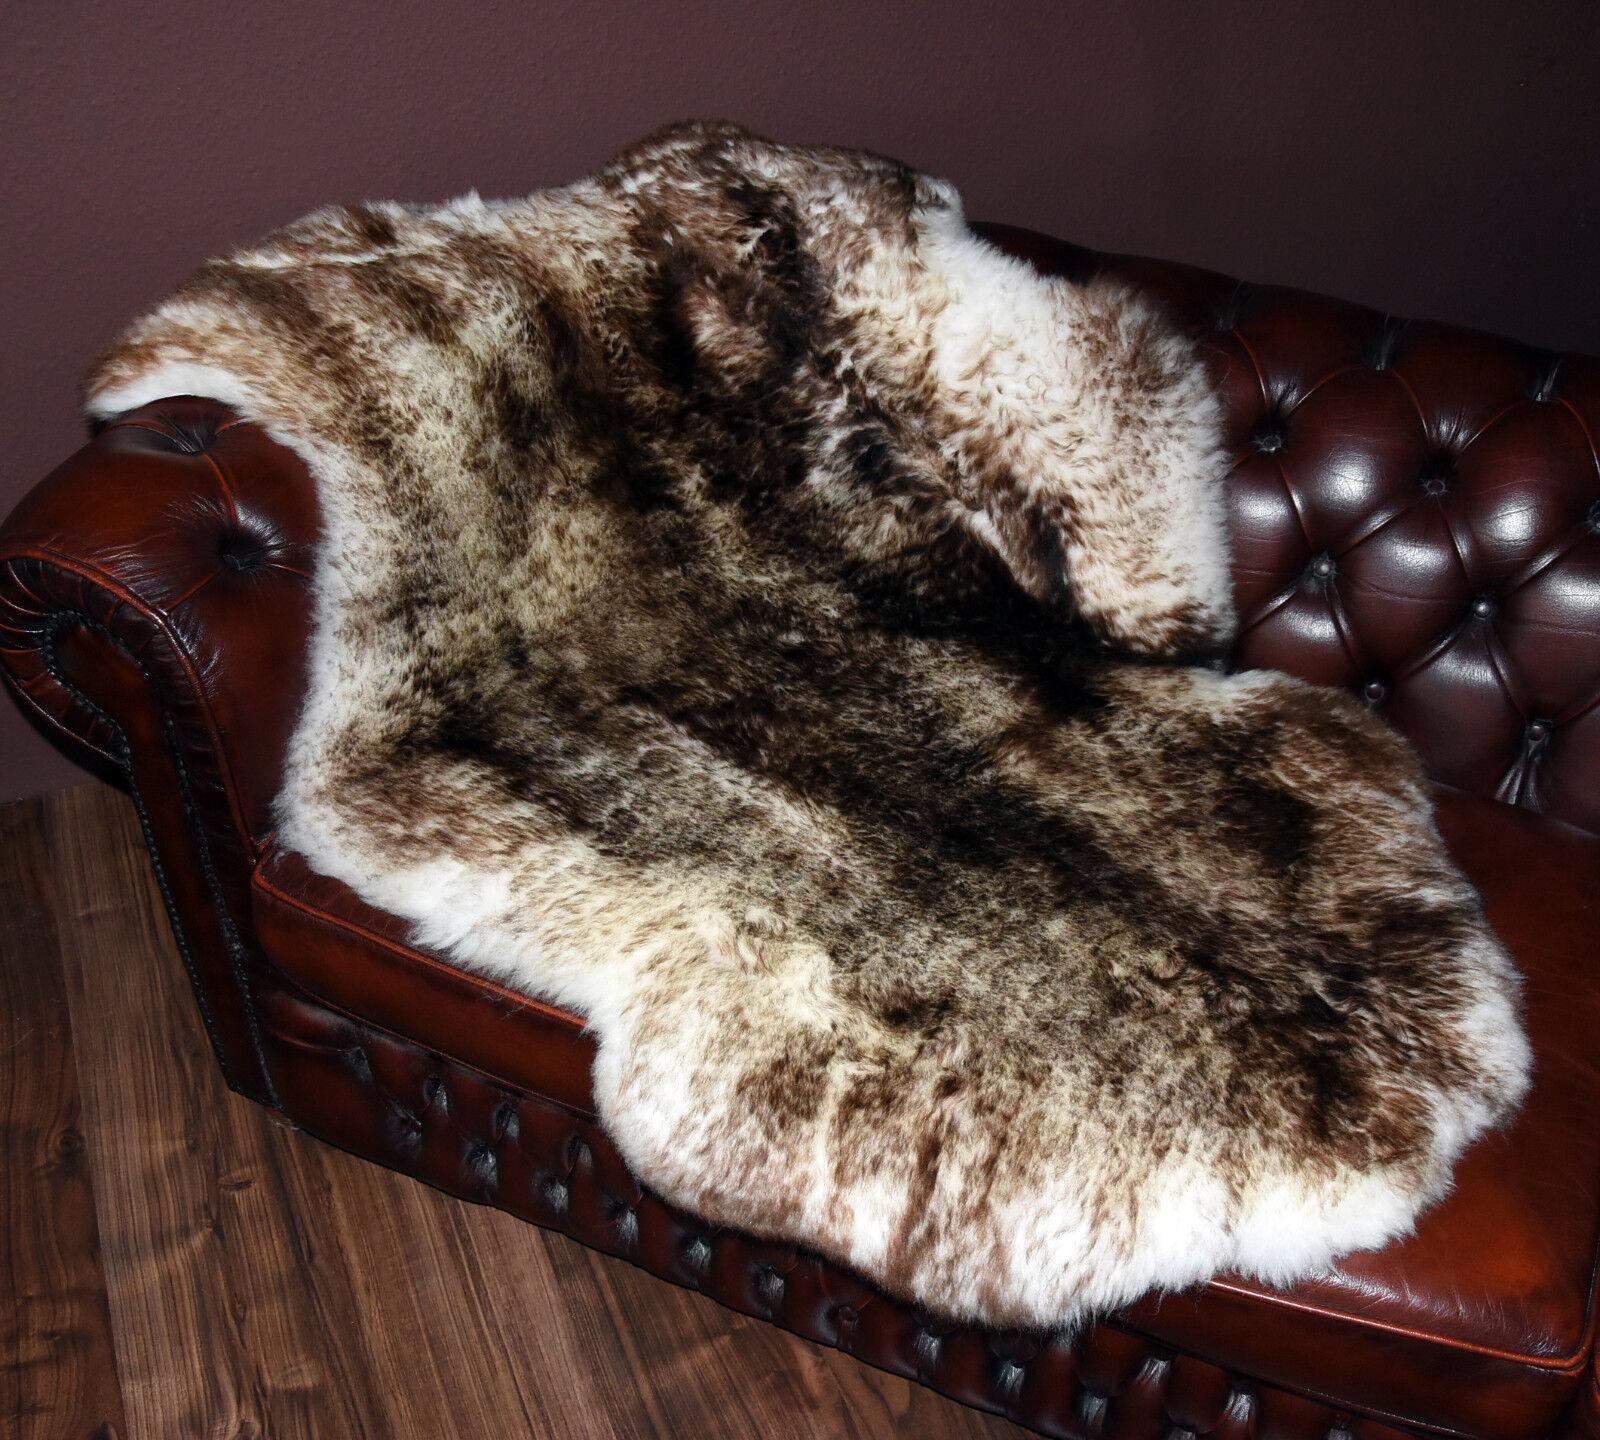 Riesen Schaffell Lammfell Fell Naturfell giant sheepskin rug geflammt 138x93cm